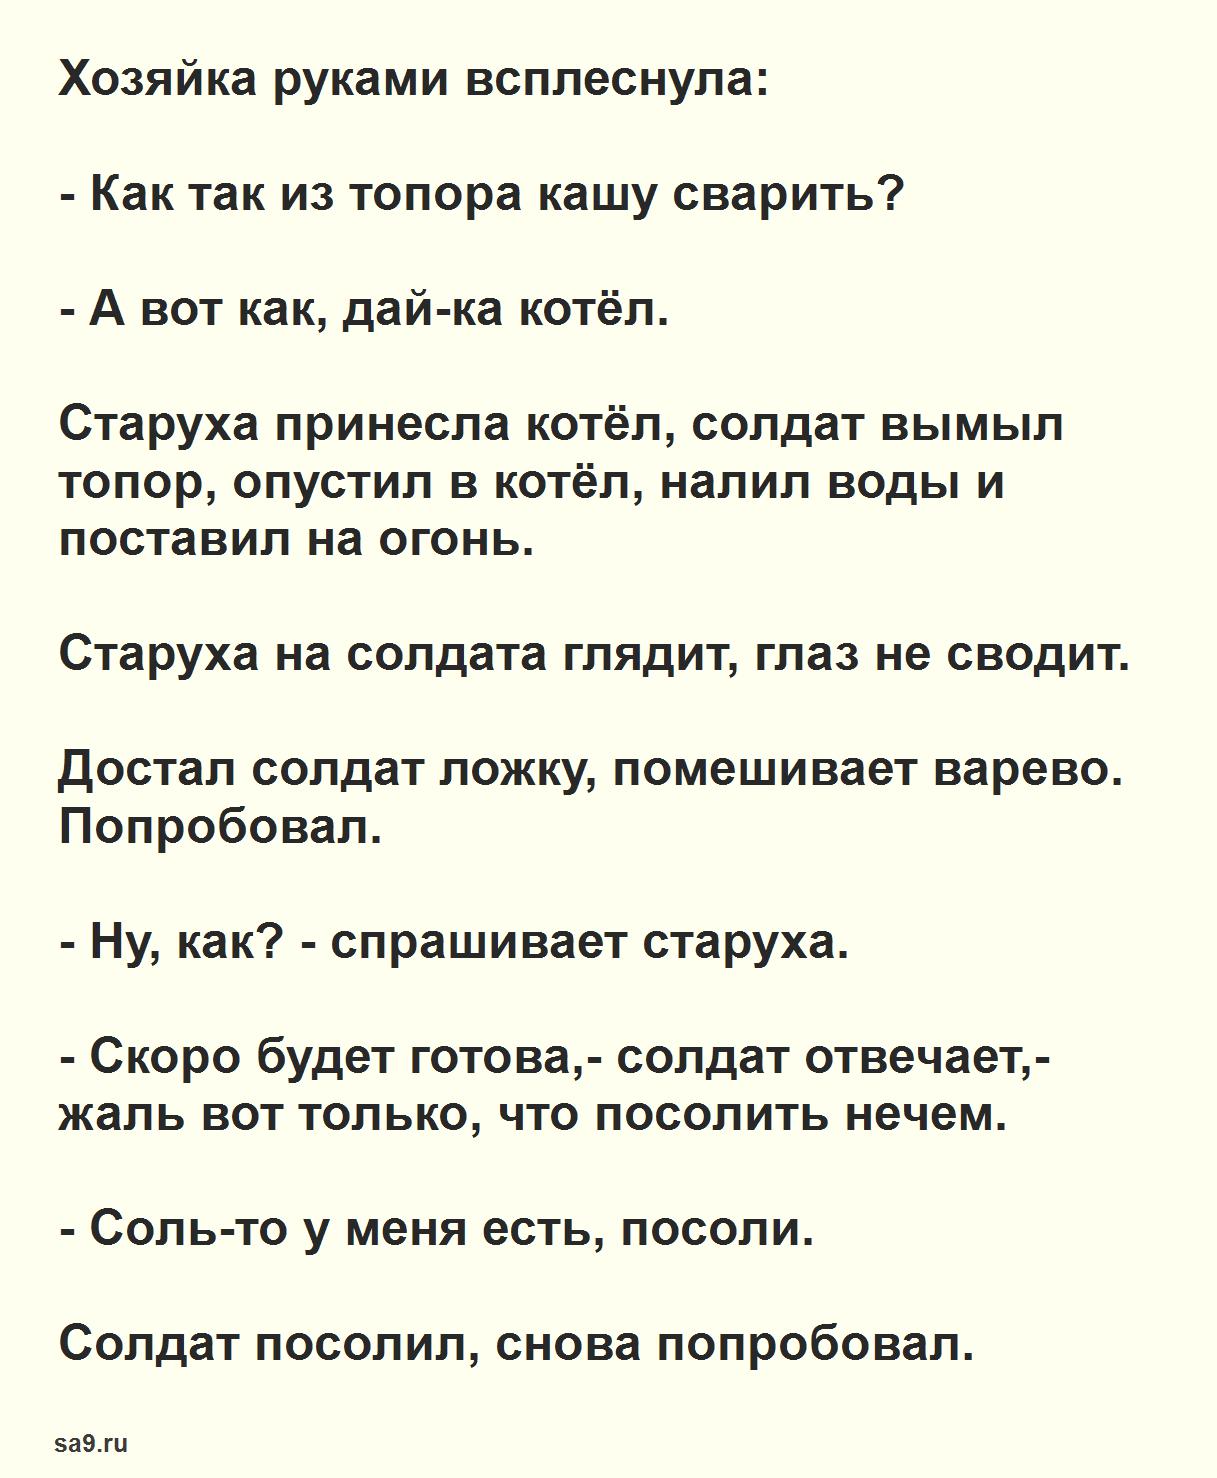 Русская народная сказка для детей – Каша из топора